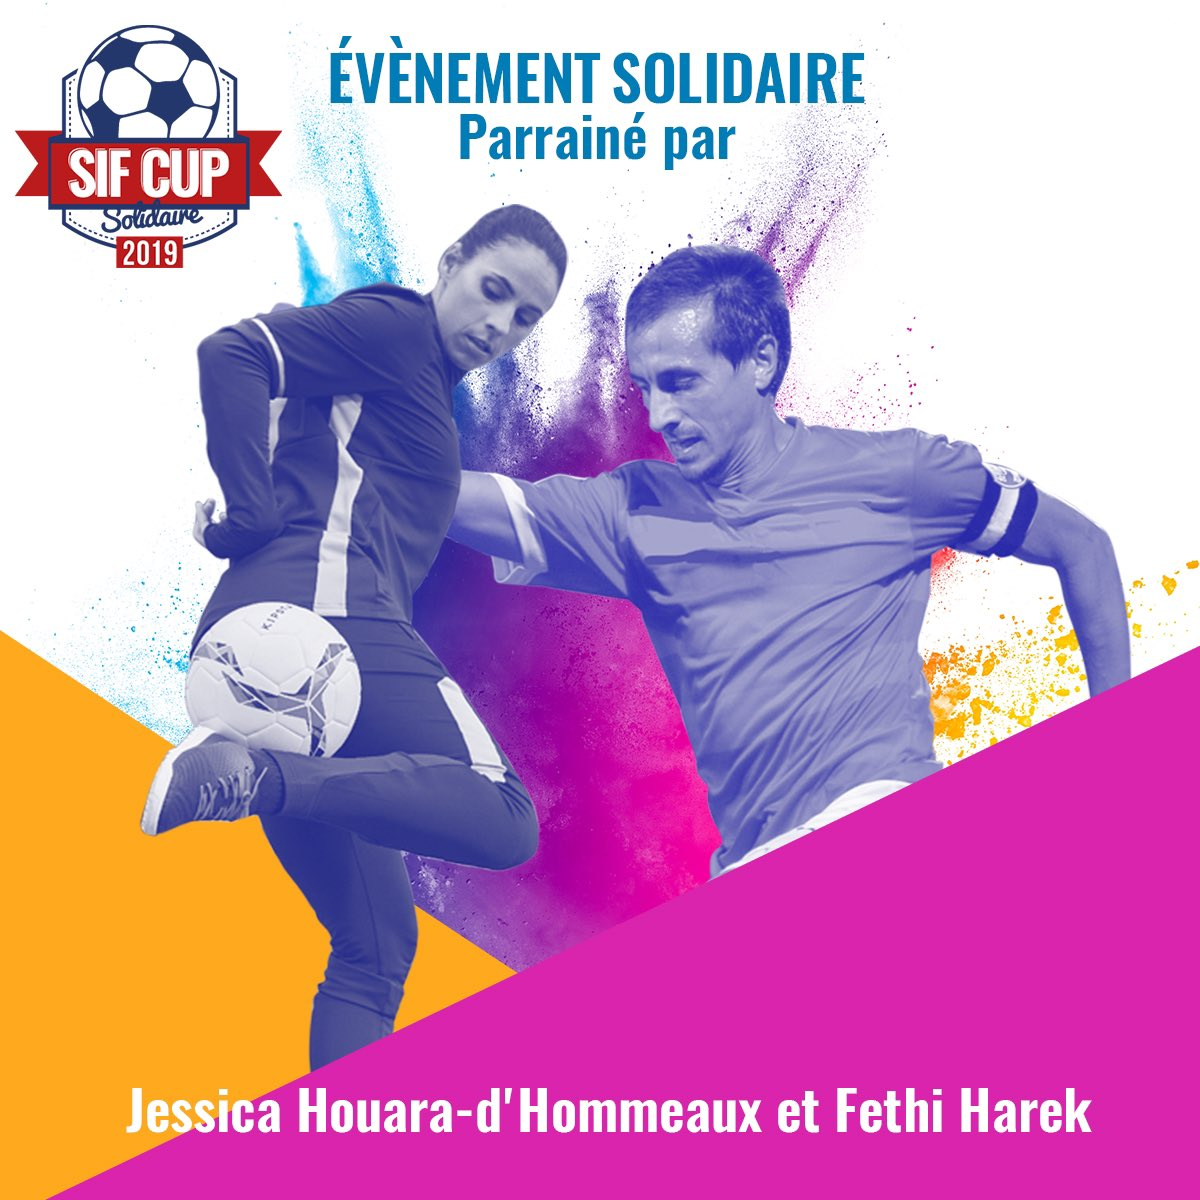 parrain avec J. Houara de la #SIFCUP,tournoi de foot five solidaire ouvert à tous qui aura lieu dans 3 villes : Marseille le 16 novembre, Lyon le 23 novembre et Paris le 30 novembre. Un seul but : scolariser 3000 enfants! Soit actif et vient t'inscrire : https://t.co/Am4l3aezEH ) https://t.co/fVW7zpVSBQ